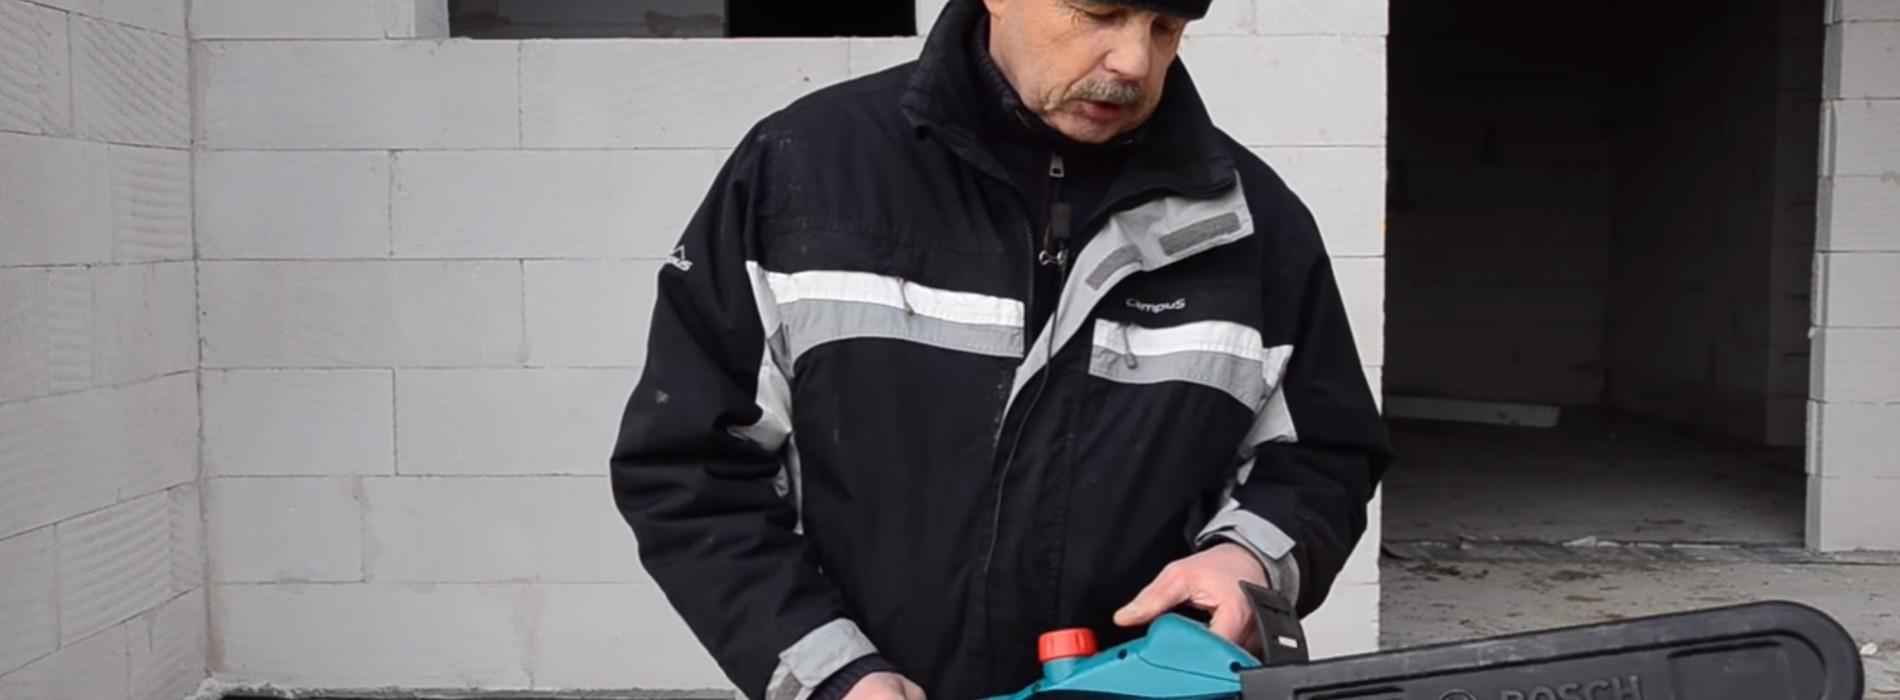 Elektronarzędzia – niezawodna pomoc podczas remontu i budowy